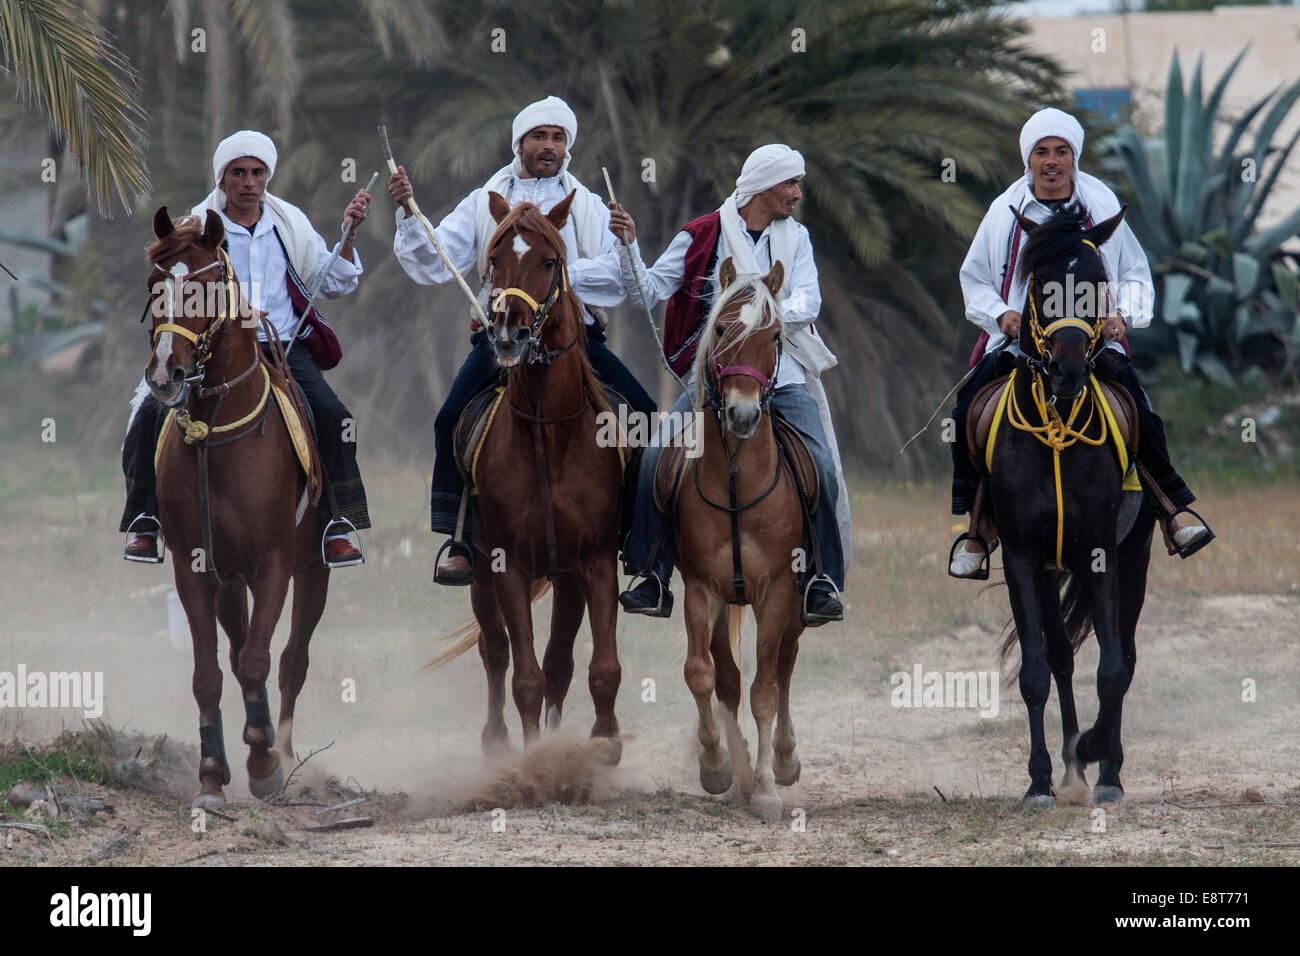 Juegos Ecuestres, Fantasia, Midoun en Djerba, Túnez Imagen De Stock